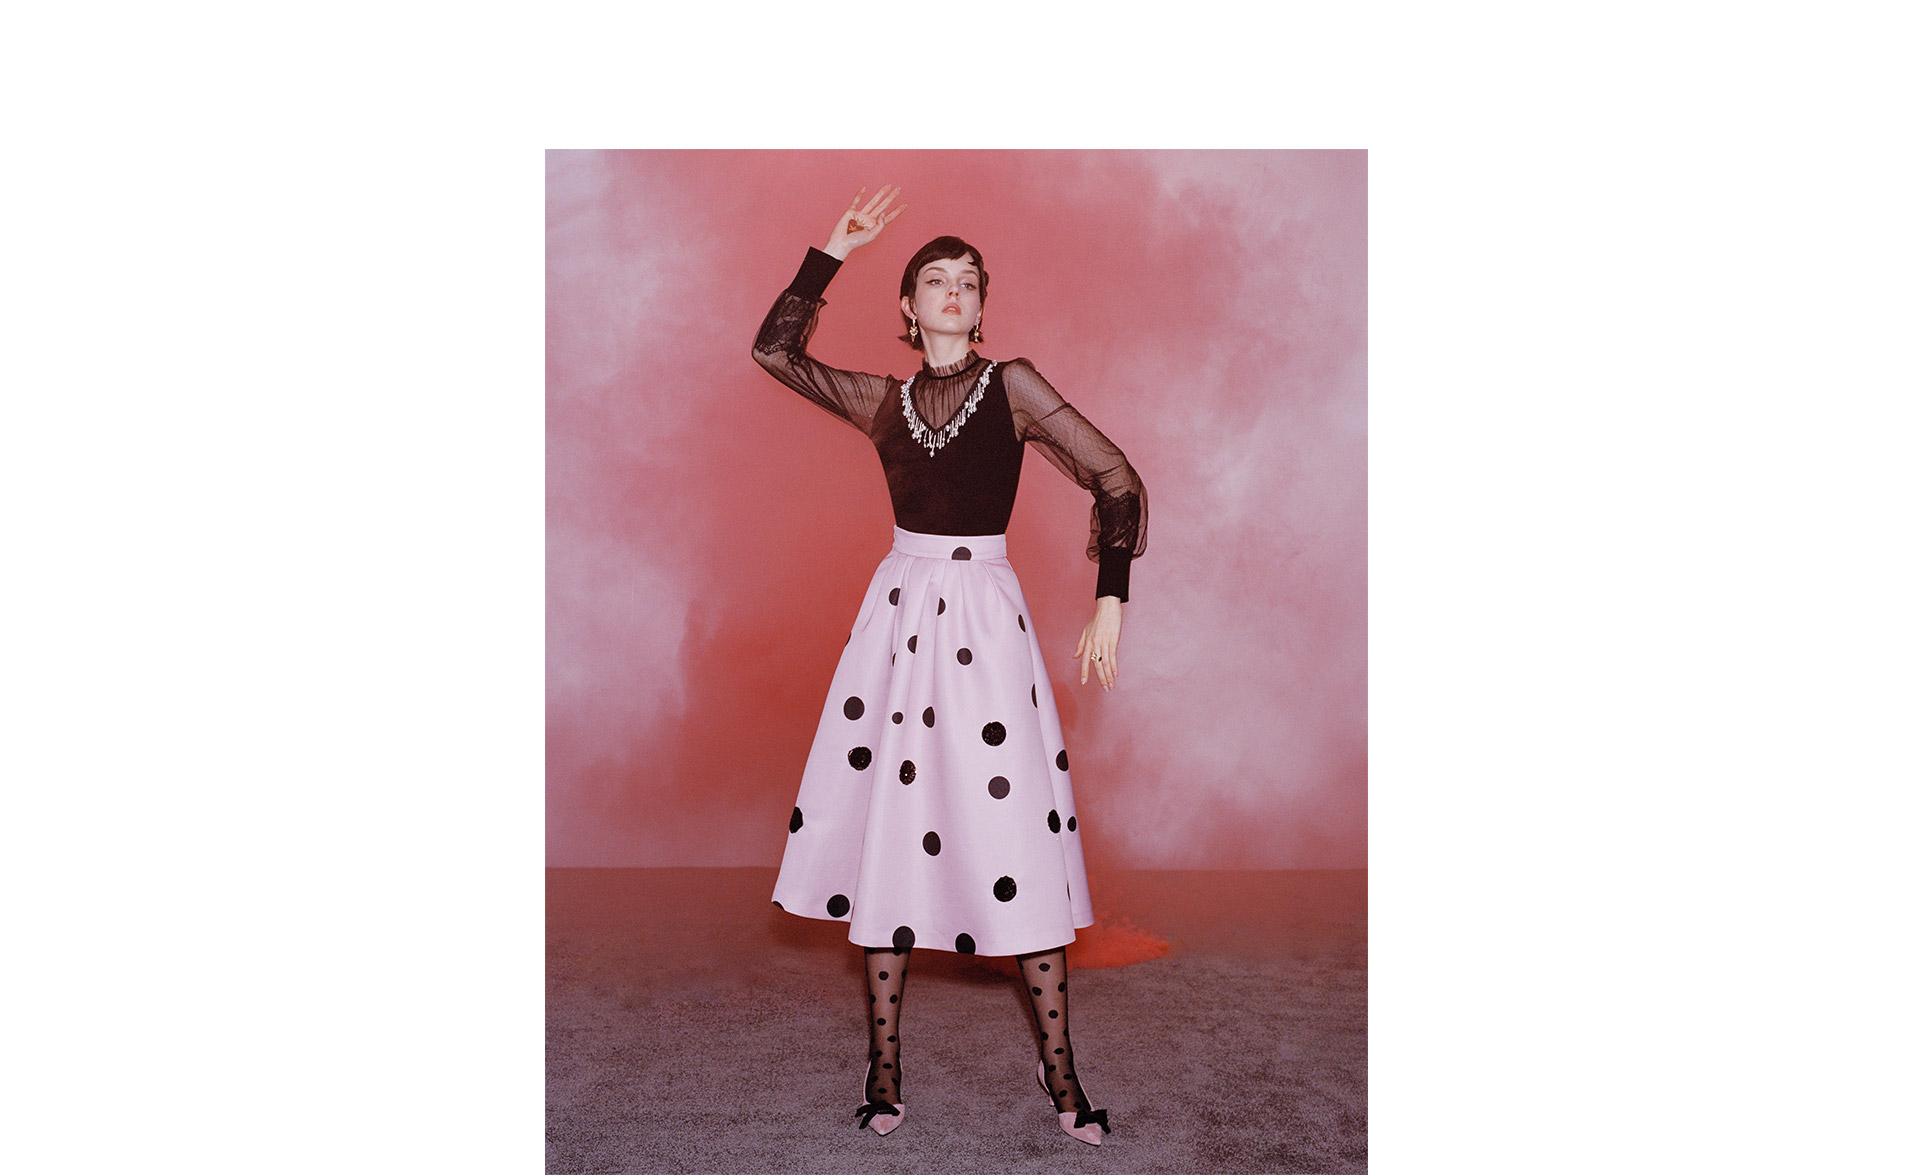 Special for Audrey Hepburn